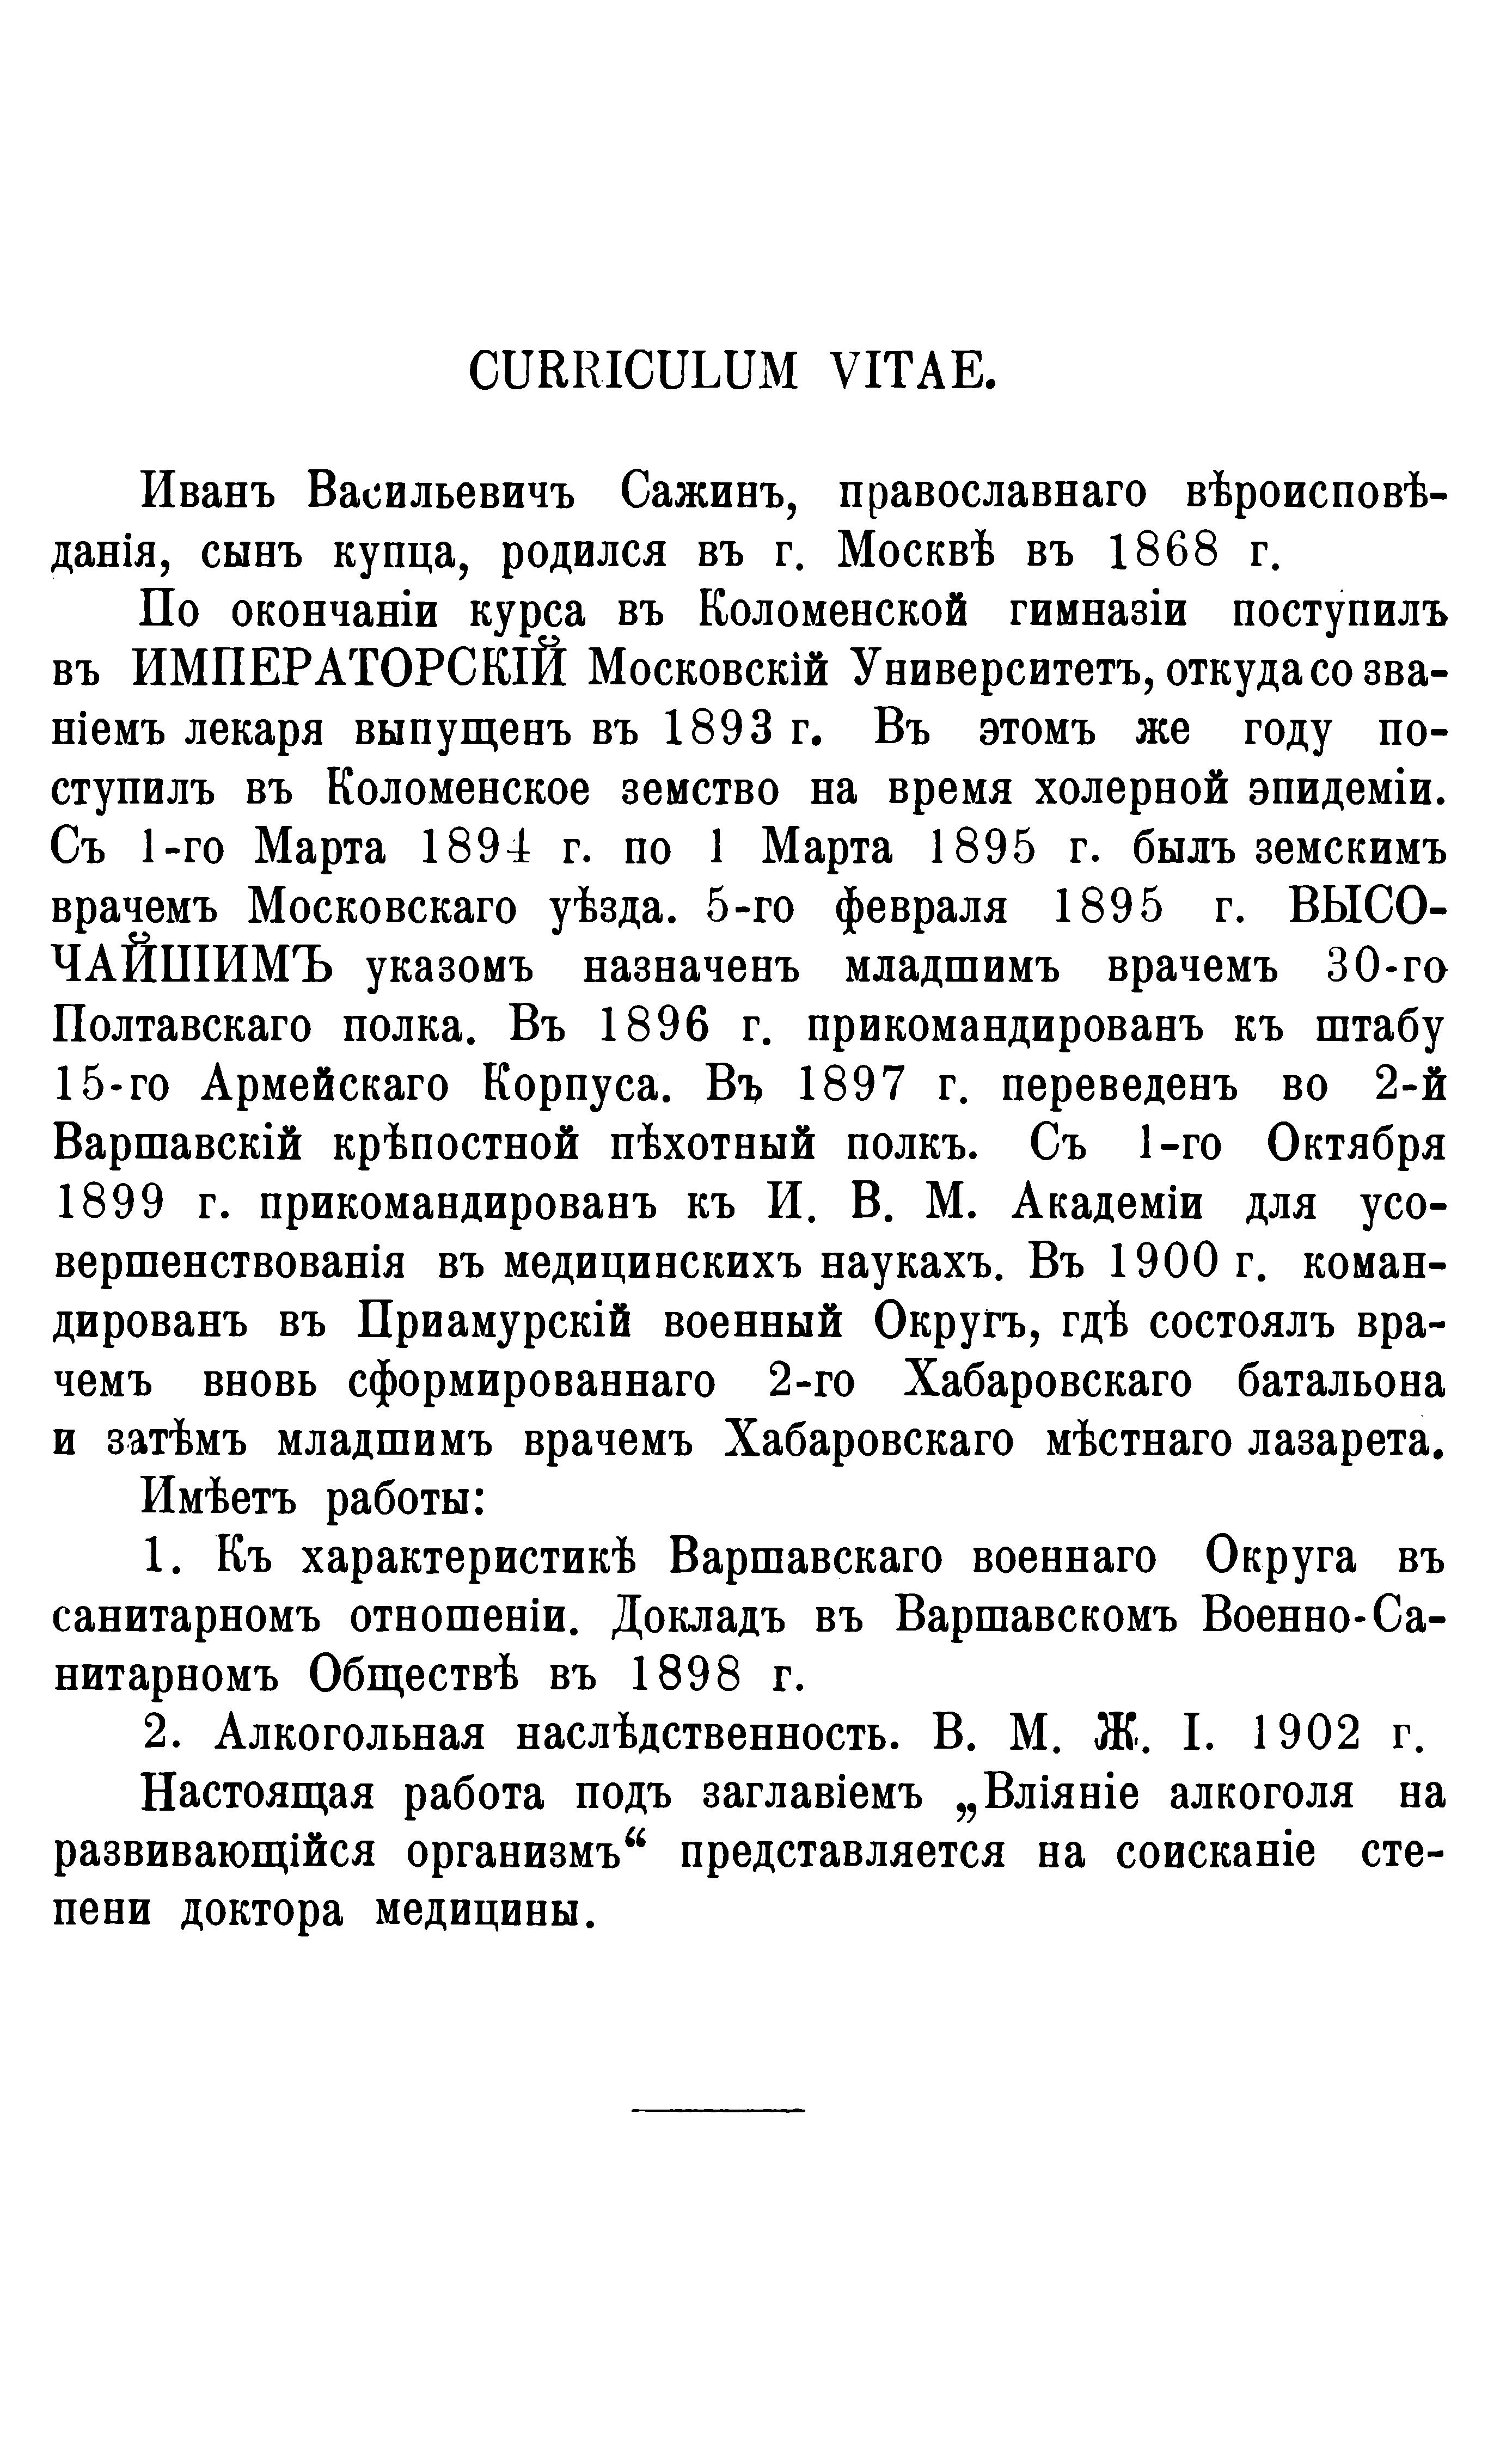 File Curriculum Vitae Ivan Vasilevich Sazhin Png Wikimedia Commons